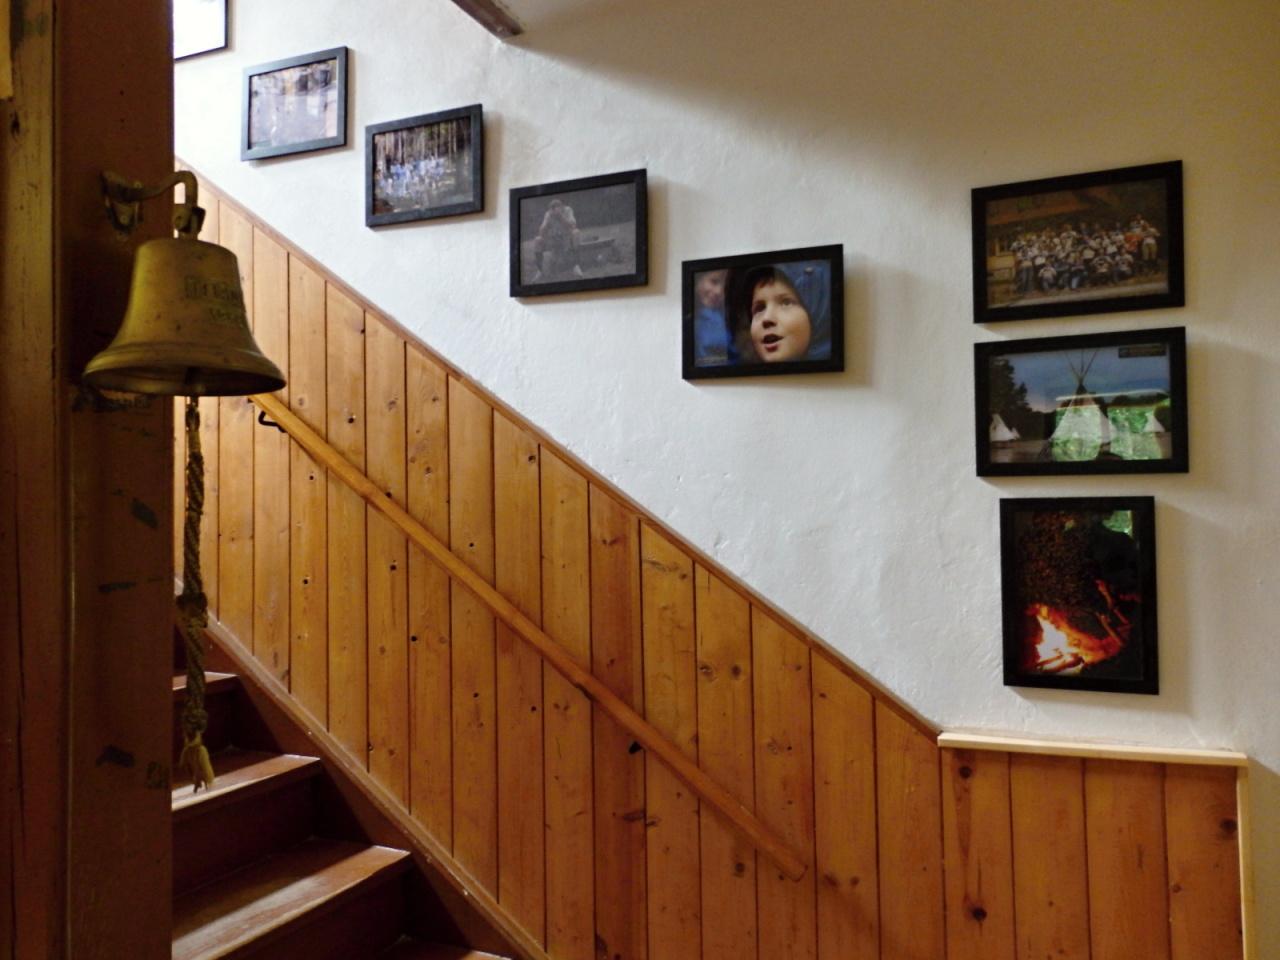 Prostory chaty - chodba a schodiště